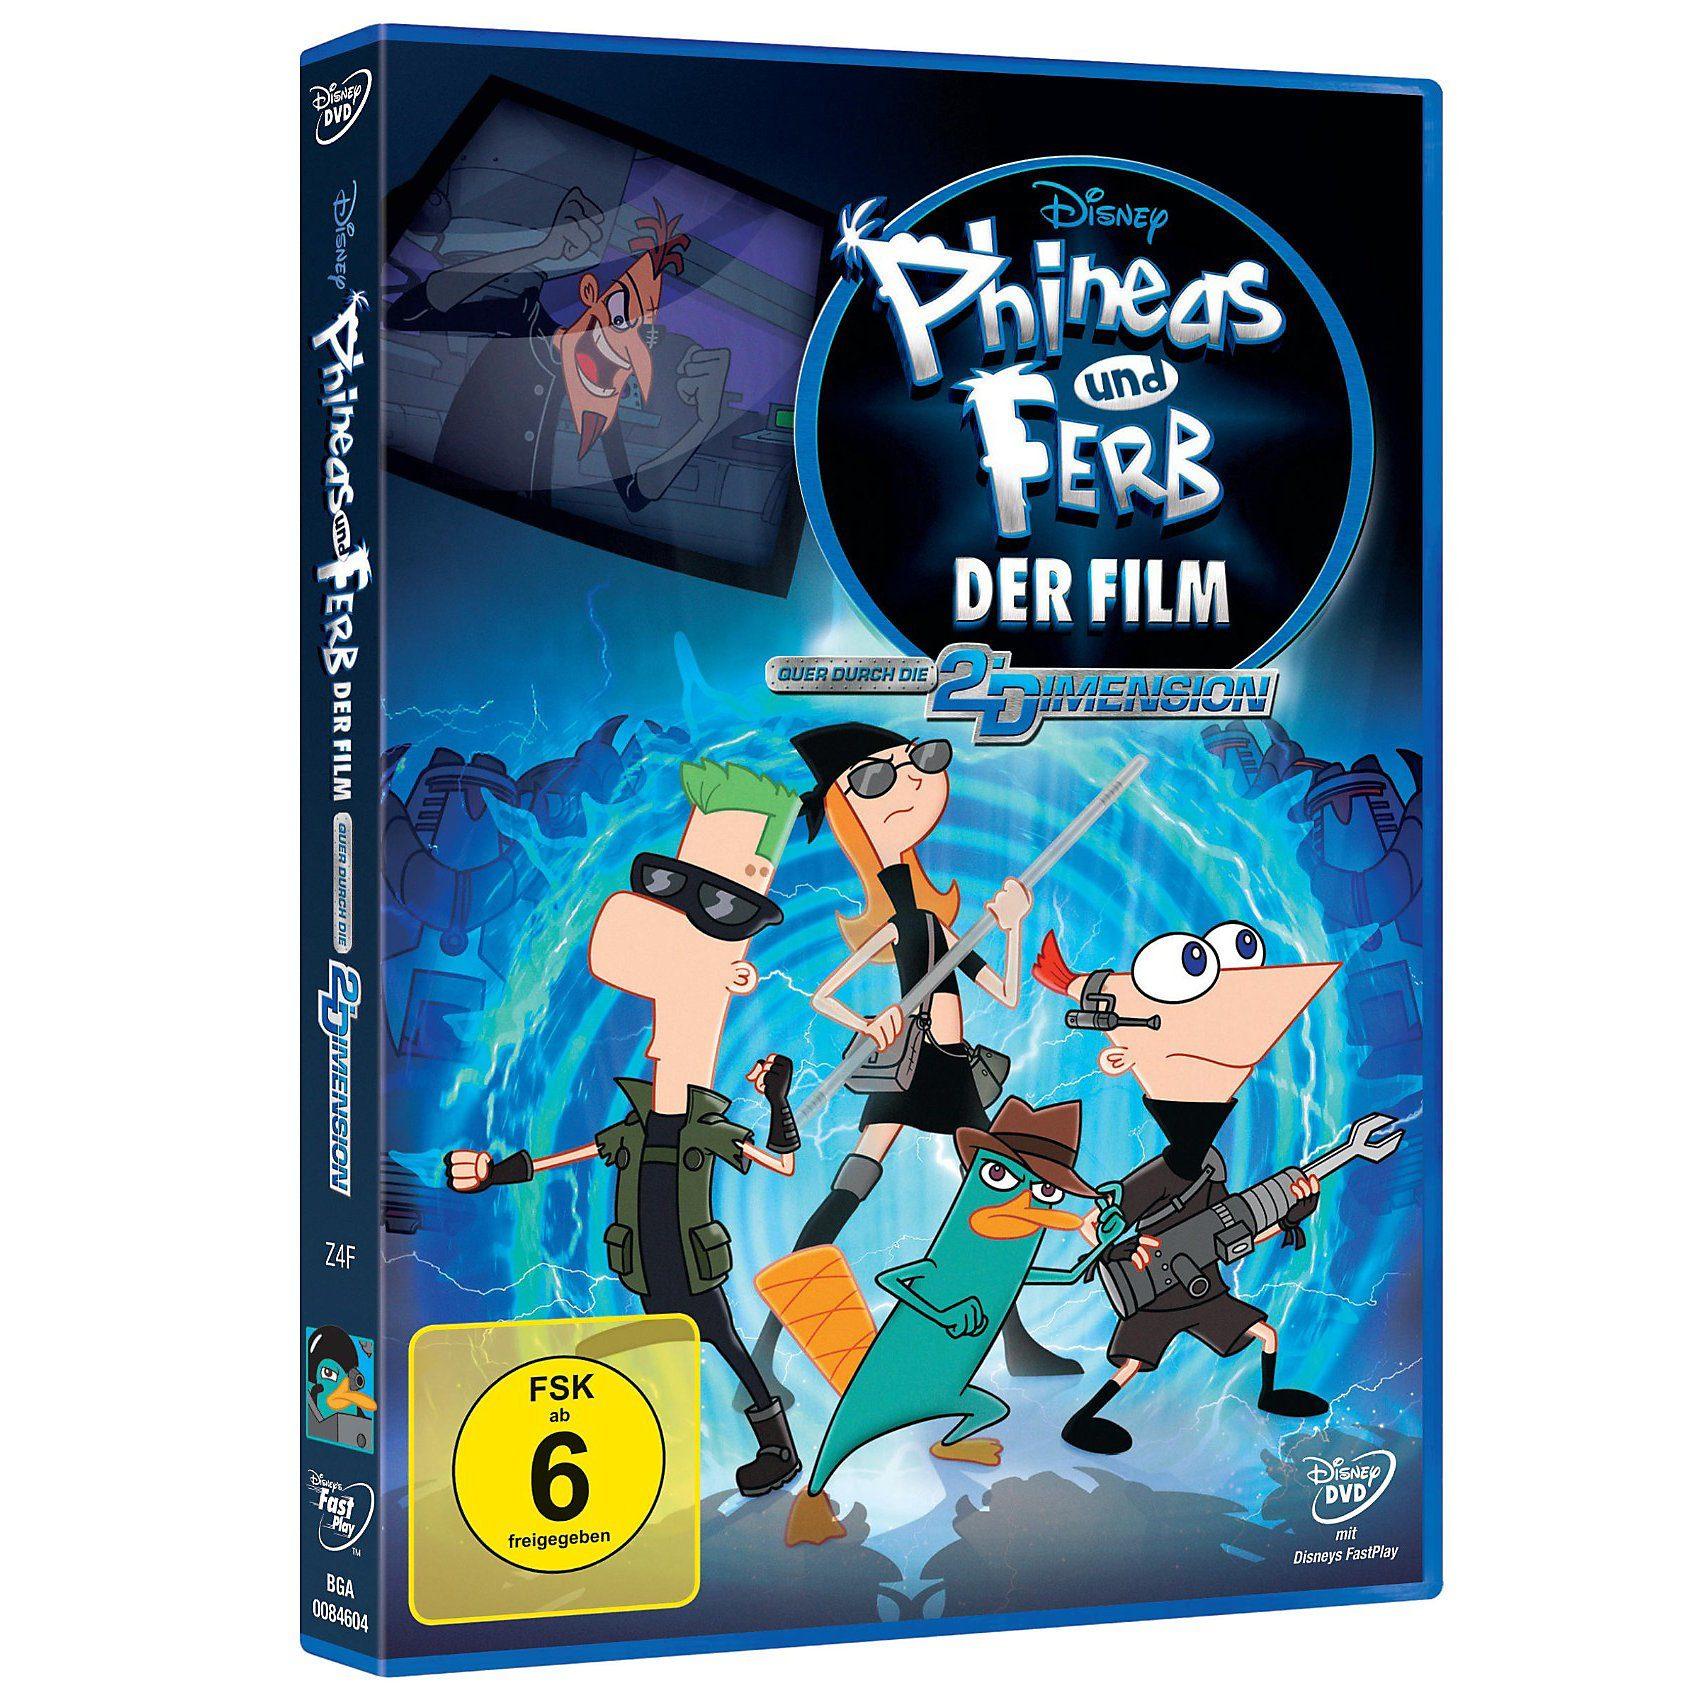 Disney DVD Phineas und Ferb DER FILM: Quer durch die 2. Dimension